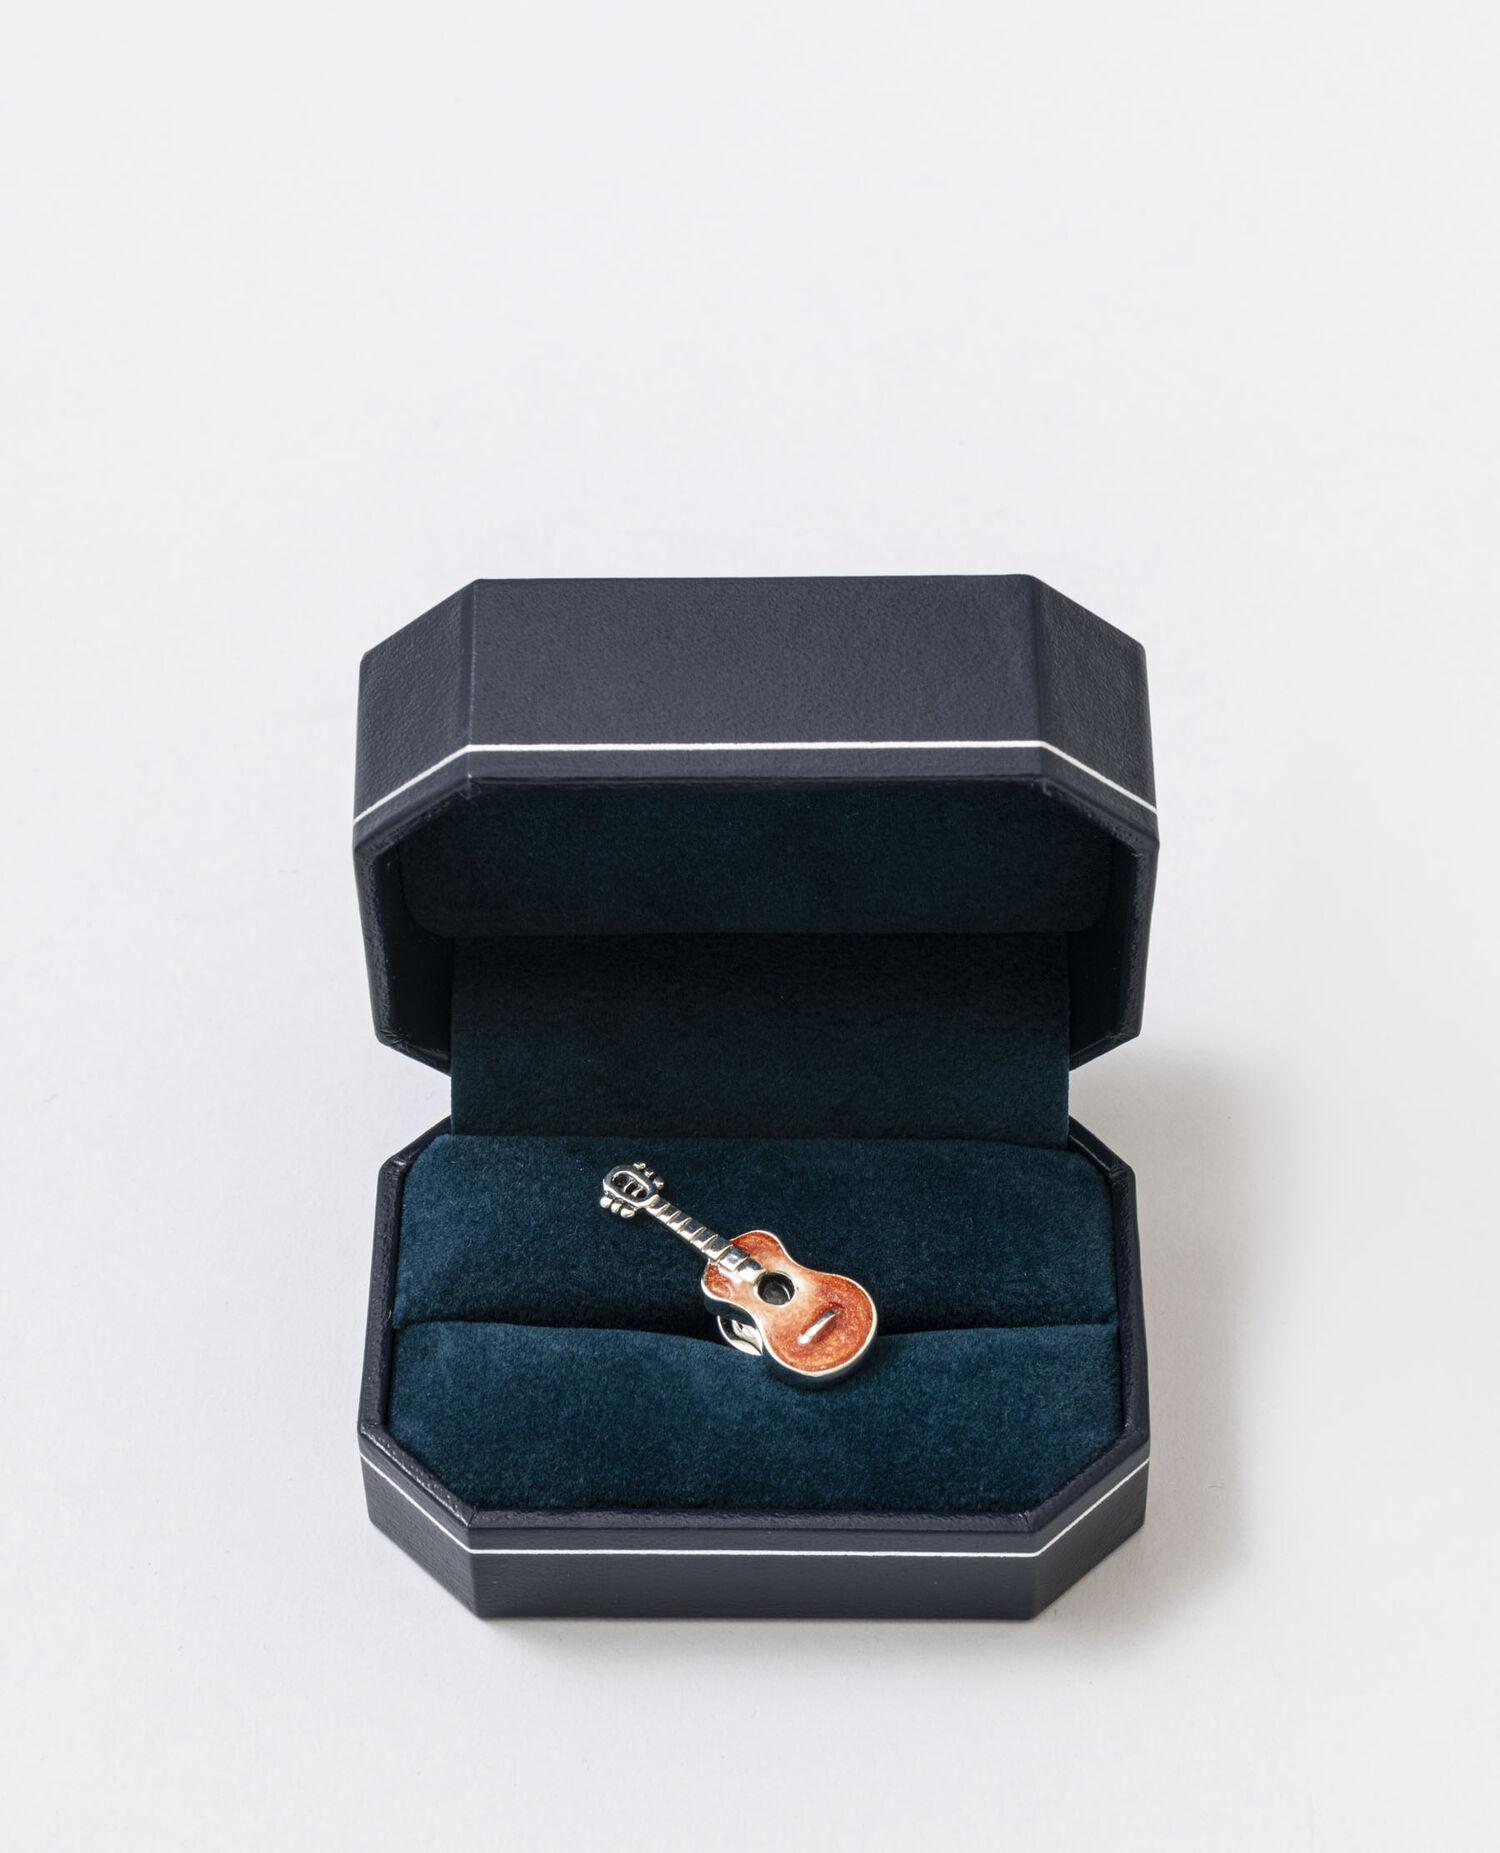 ピンズ ギター